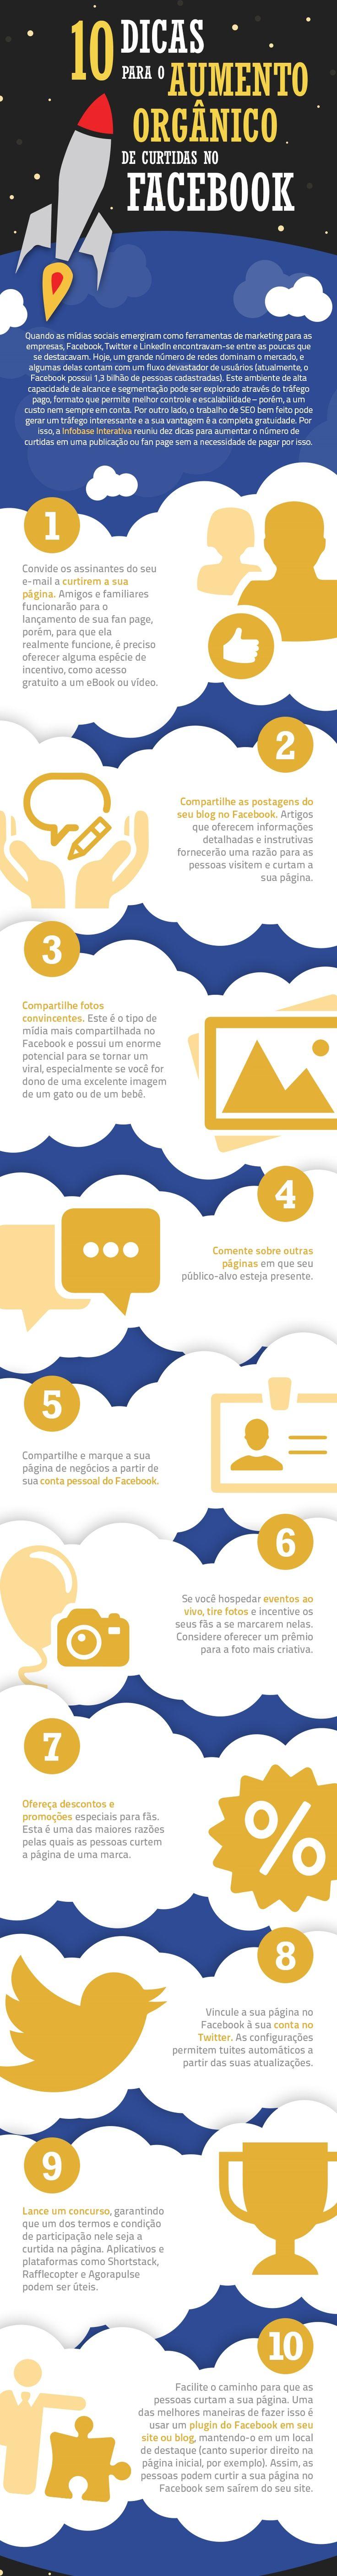 10 dicas para aumentar o alcance orgânico das marcas no Facebook.